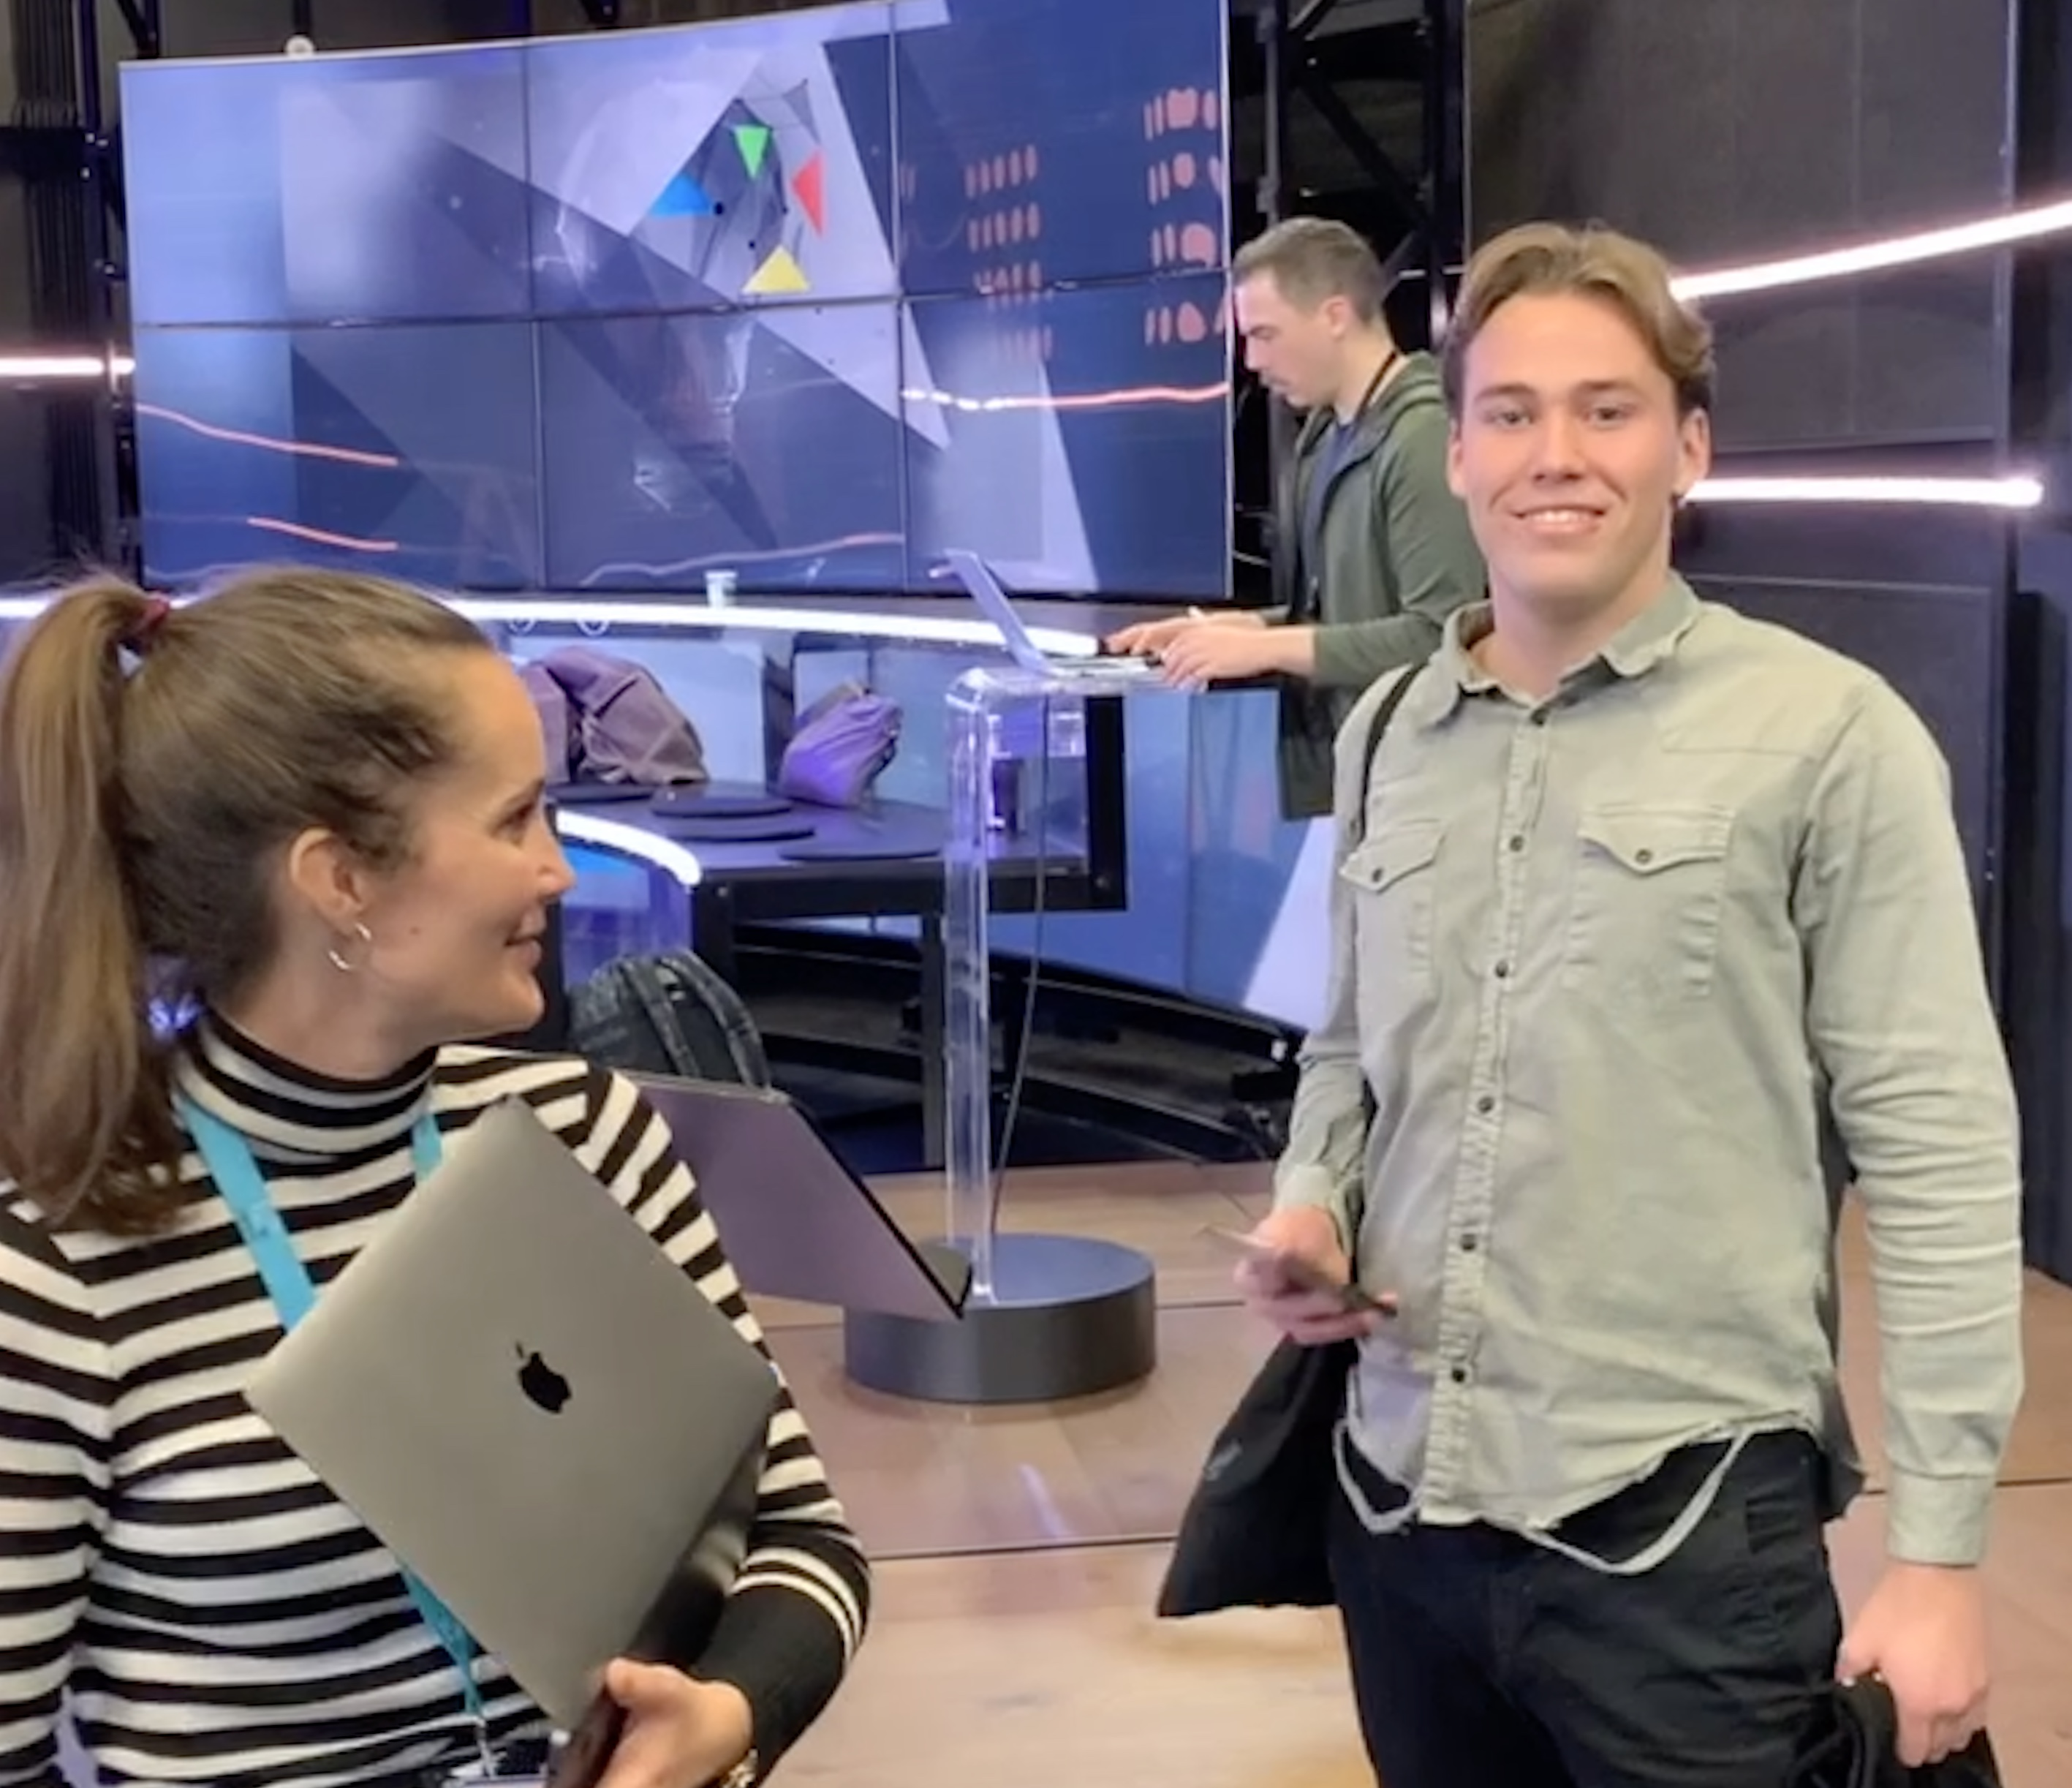 Henrik Johannessen fra Tjommi som gjør seg klar for å presentere under Innovasjonsdagen til TV 2